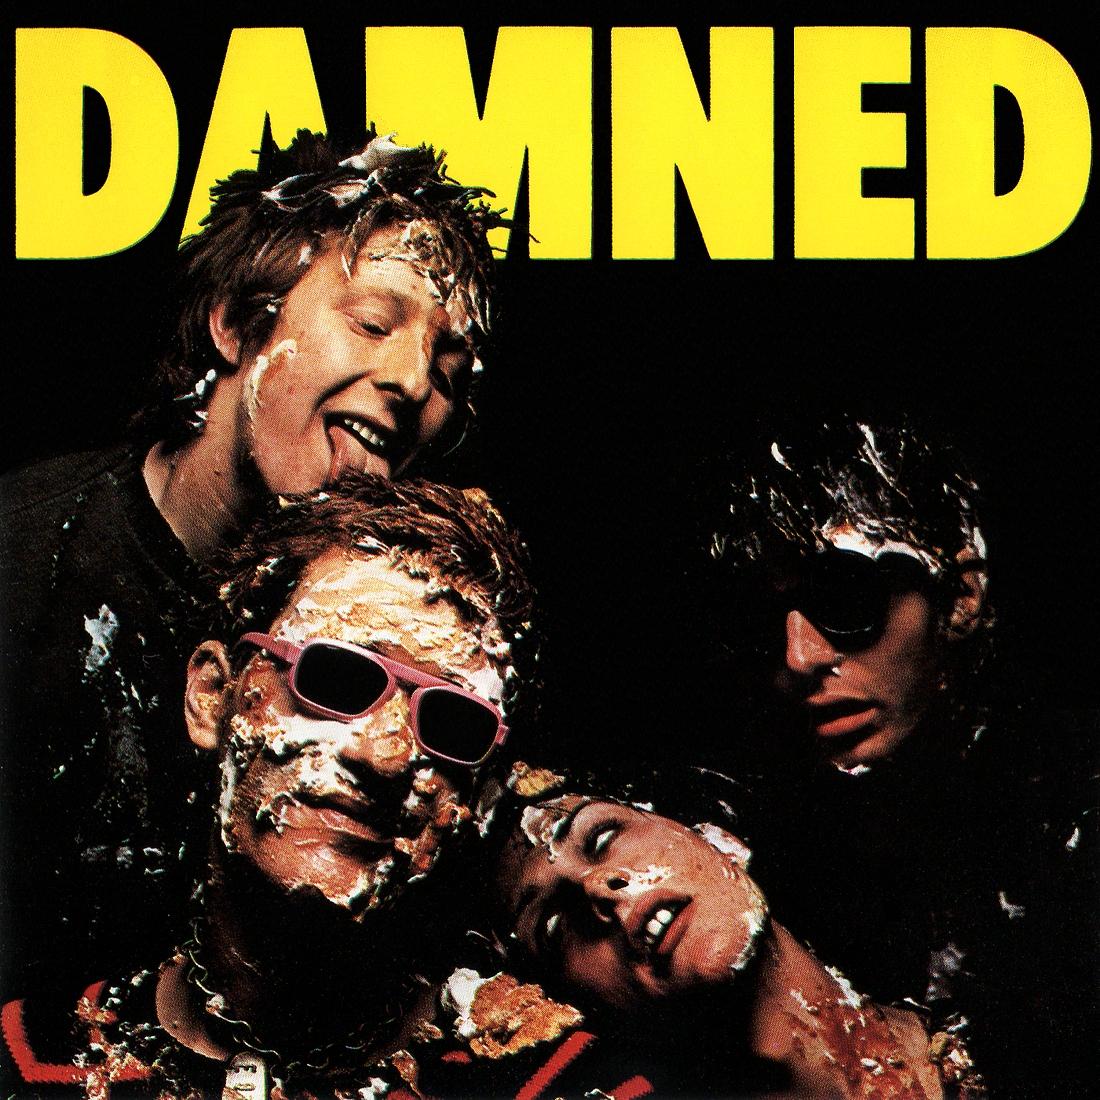 https://upload.wikimedia.org/wikipedia/fi/d/d5/The_Damned_Damned_Damned_Damned.jpg